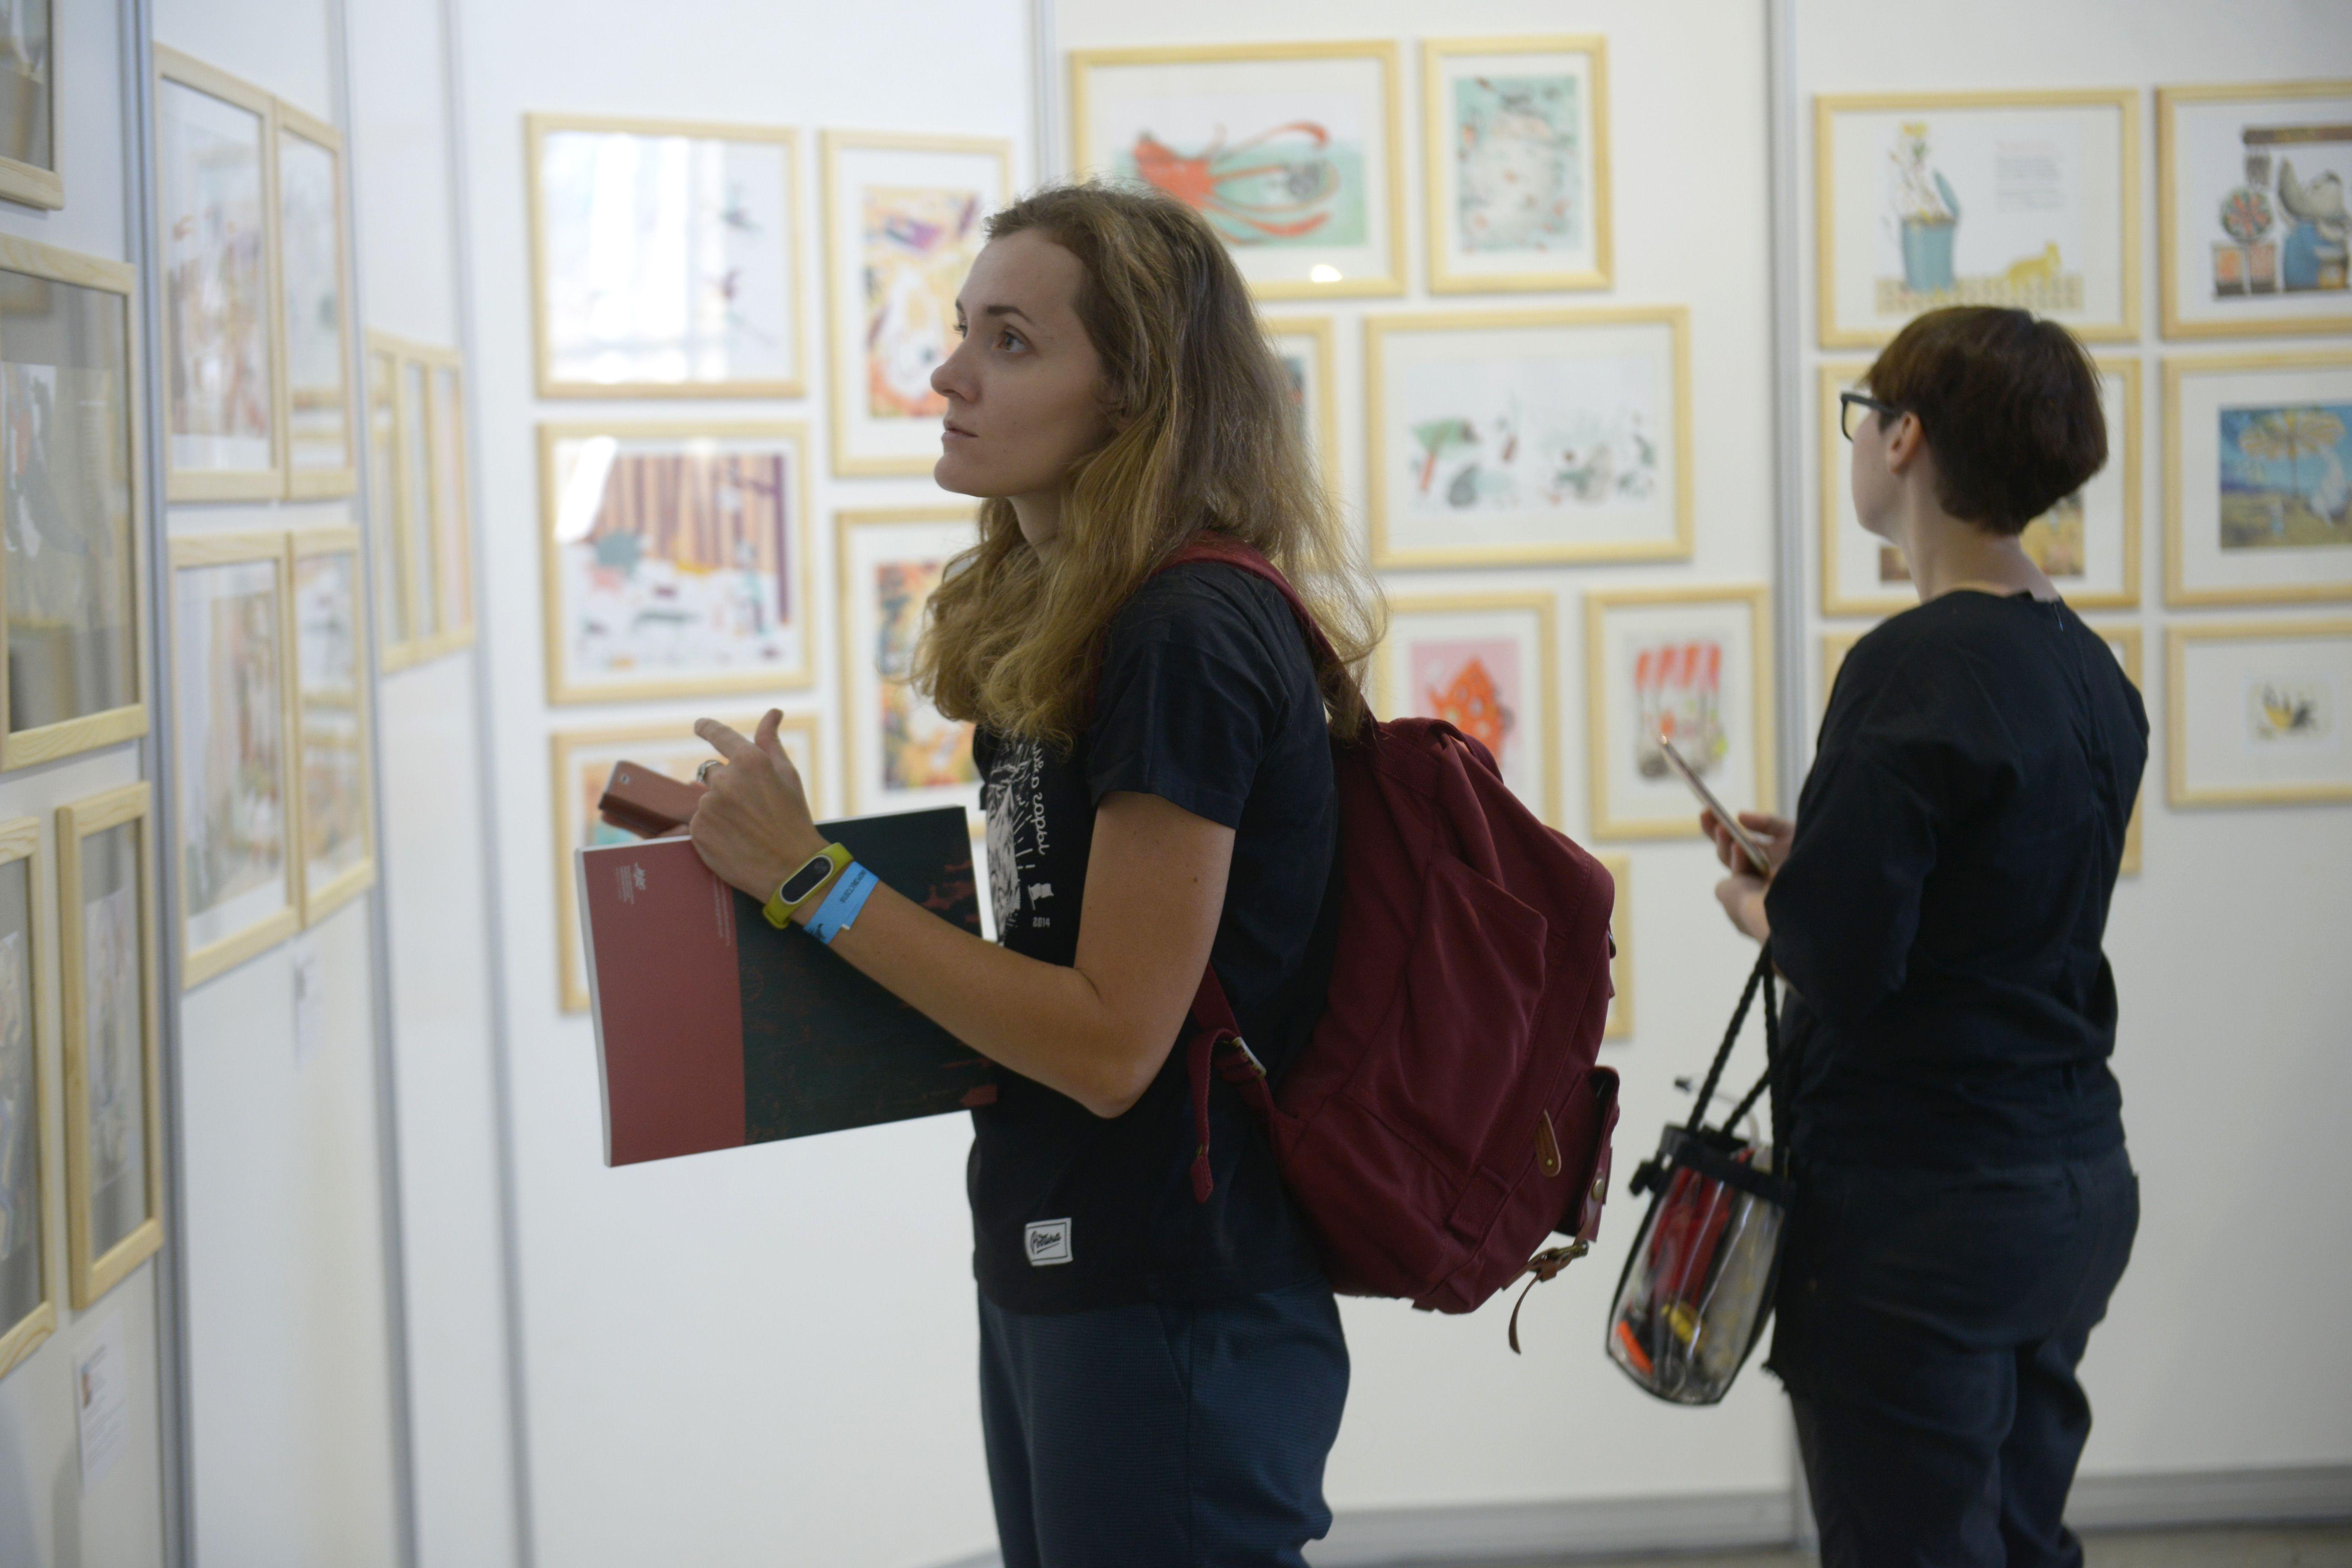 Юные художники из Щербинки представят работы на тему искусства